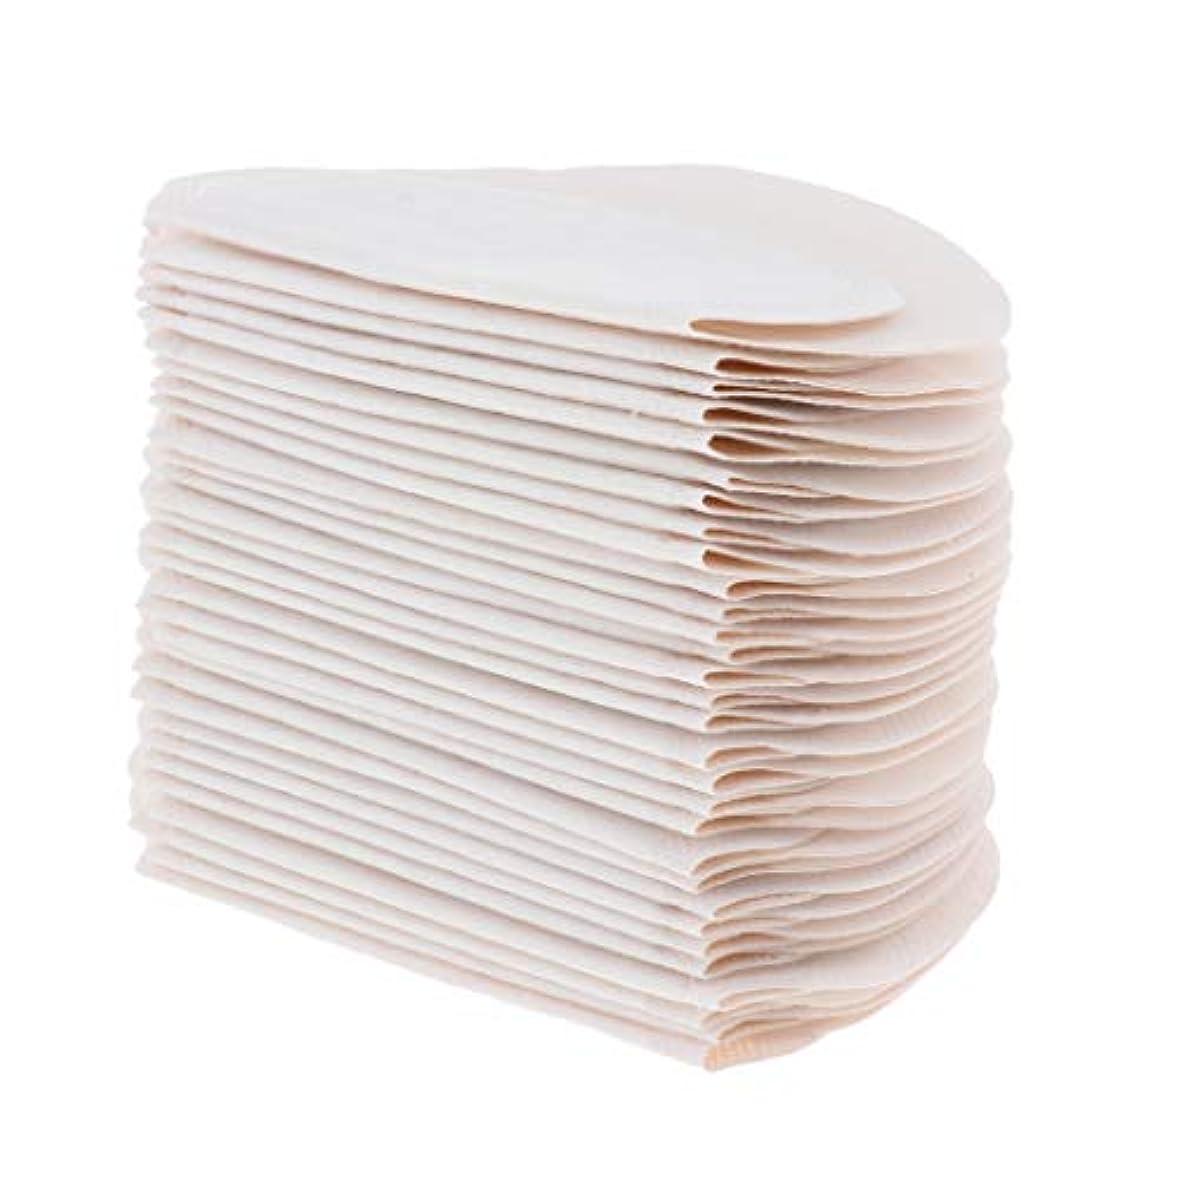 クリック発音驚脇汗 パッド 汗わきパッド メンズ あせジミ防止 防臭シート ワキ汗対策 使い捨て 直接貼る 15組